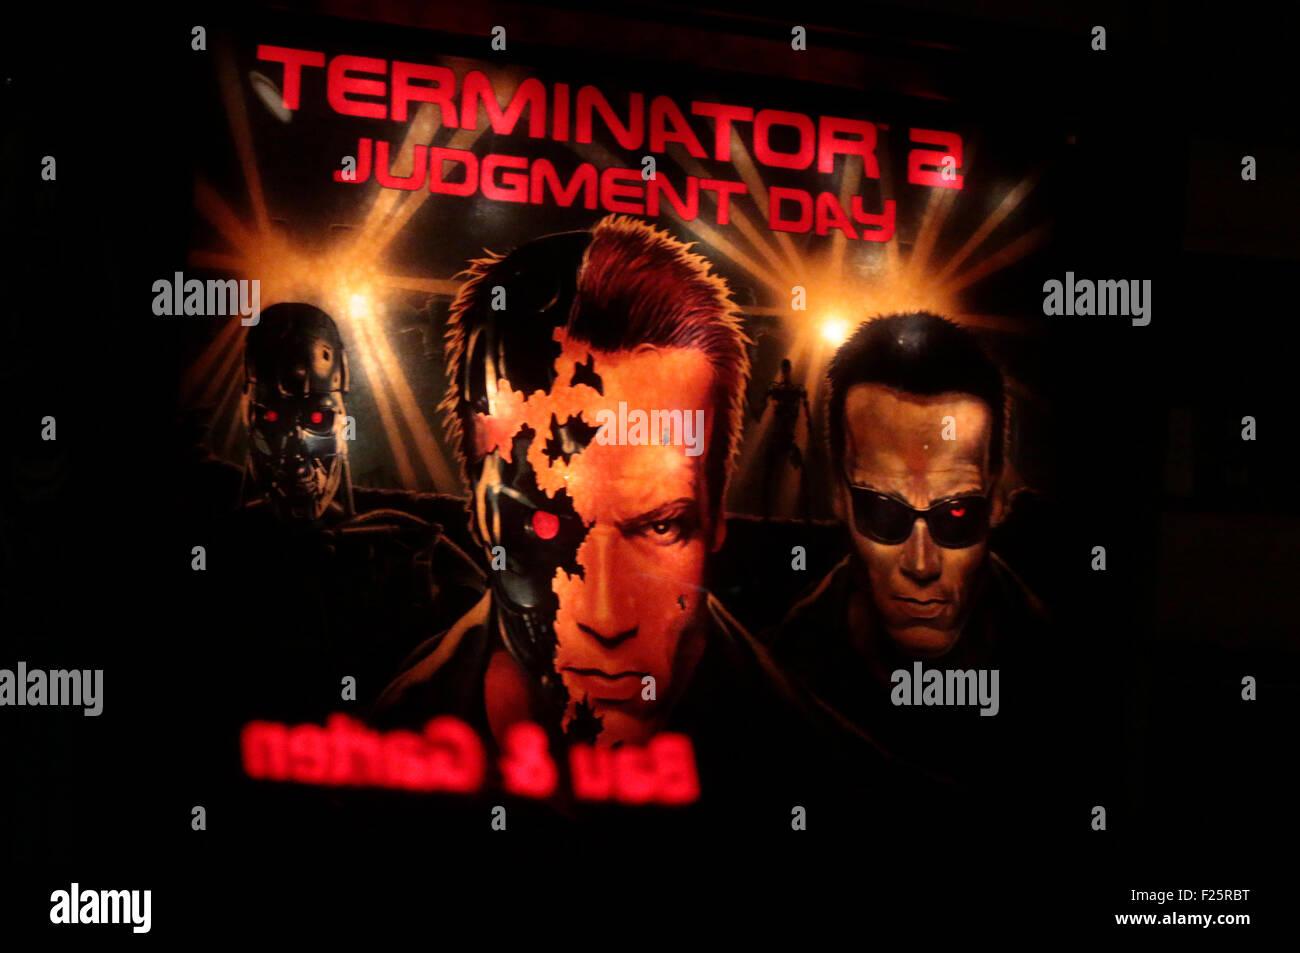 """Historisches Werbeplakat fuer den Spielfilm """"Terminator Jugdement Day' mit Arnold Schwarzenegger, Berlin. Photo Stock"""